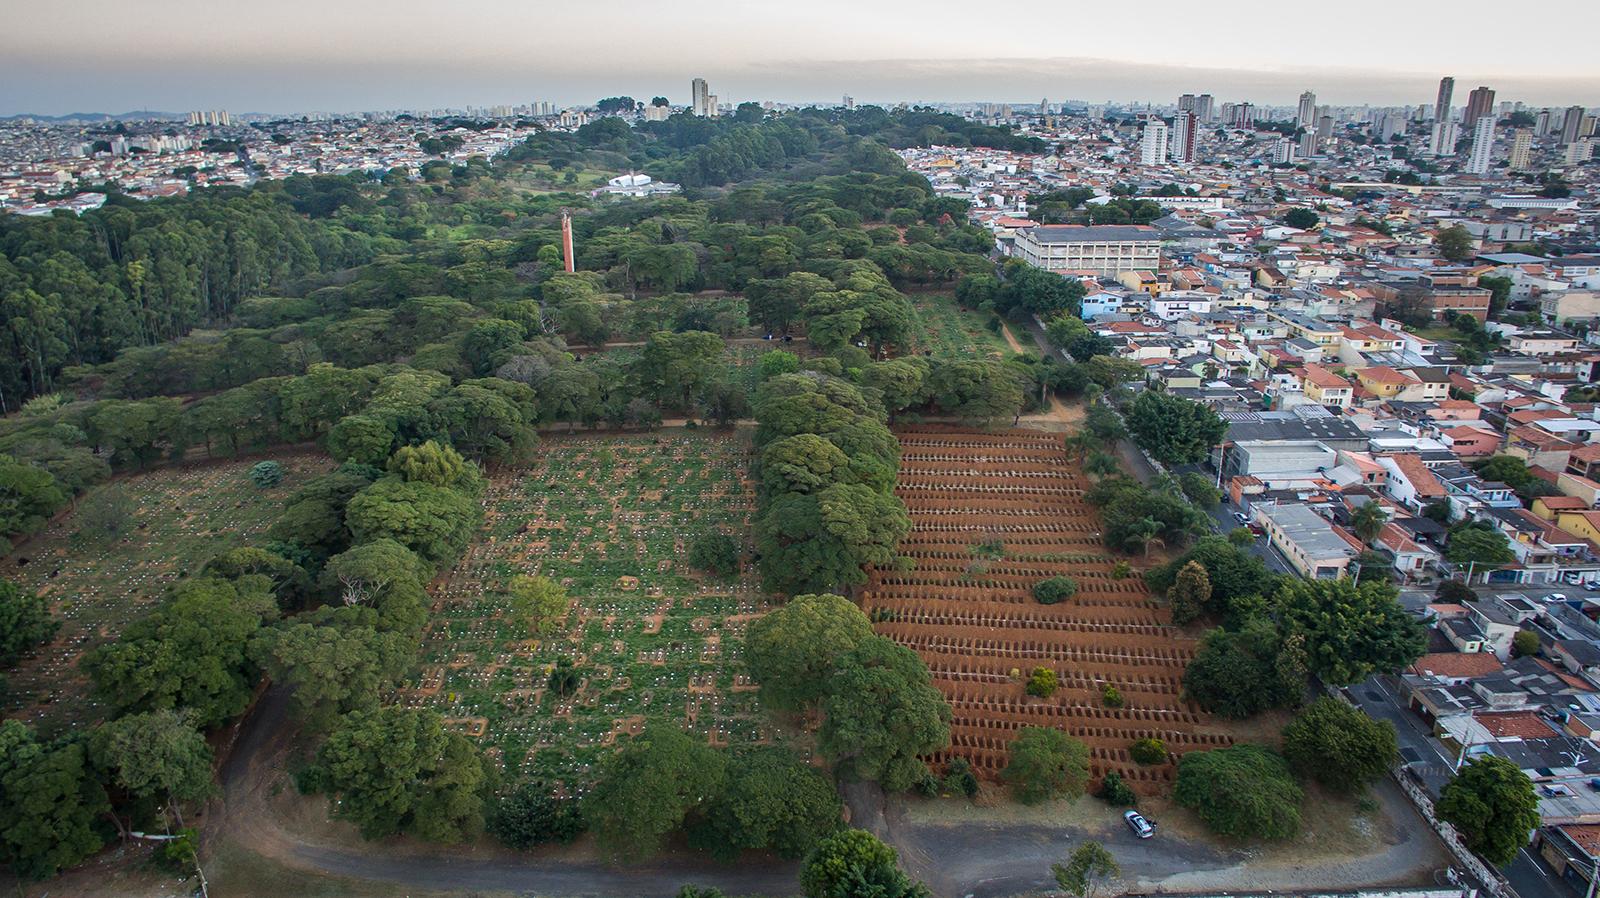 Open graves are prepared in the Vila Formosa cemetery in Sao Paulo, Brazil, on April 29.